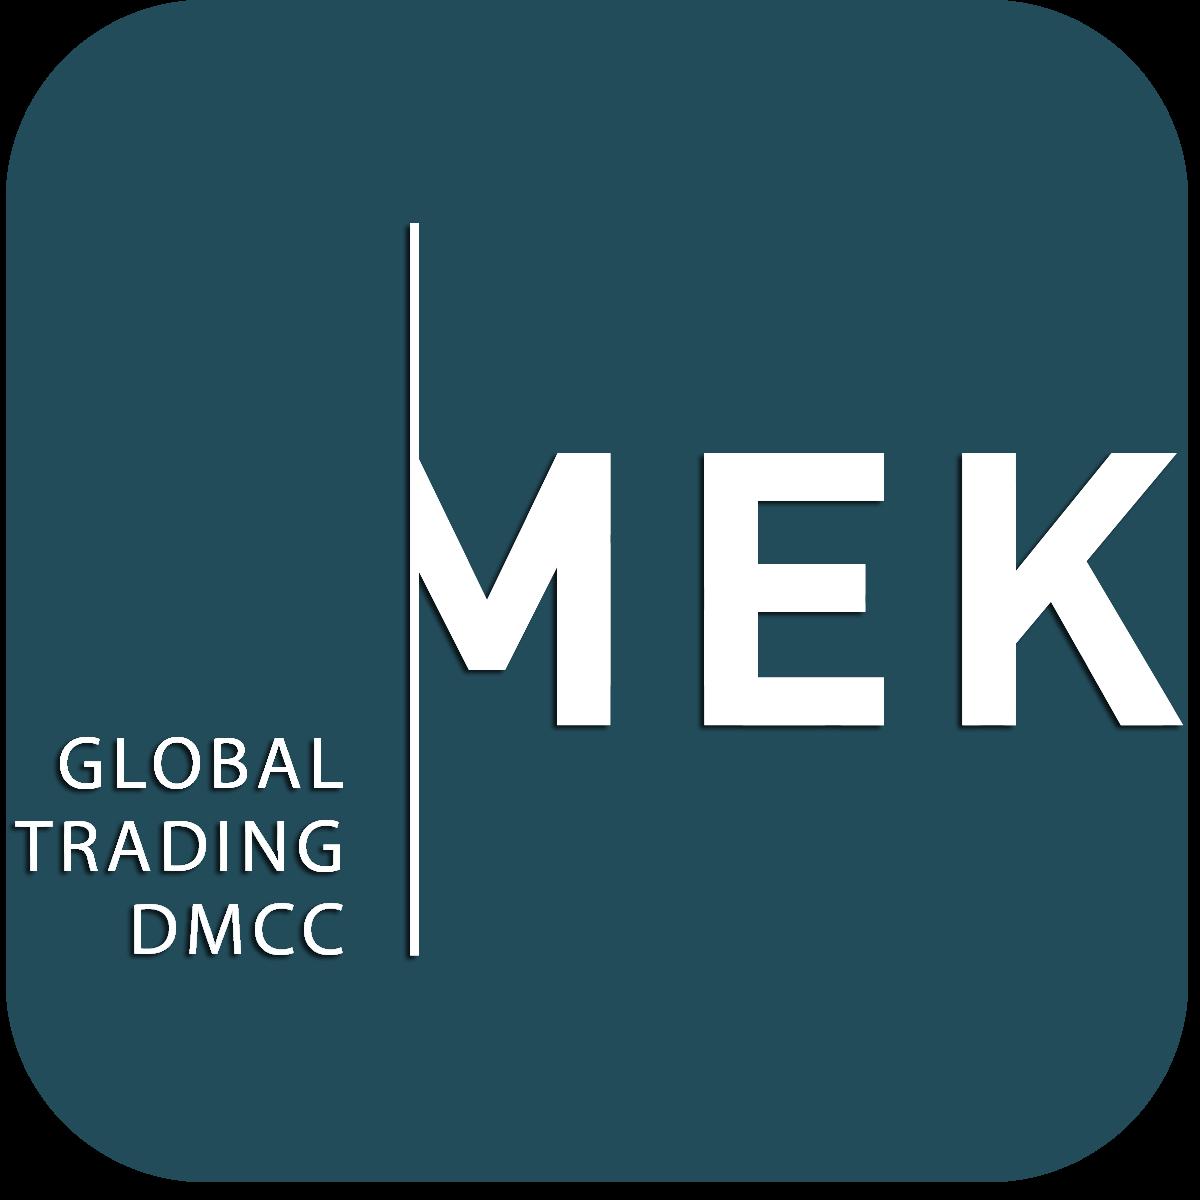 MEK Global Trading DMCC